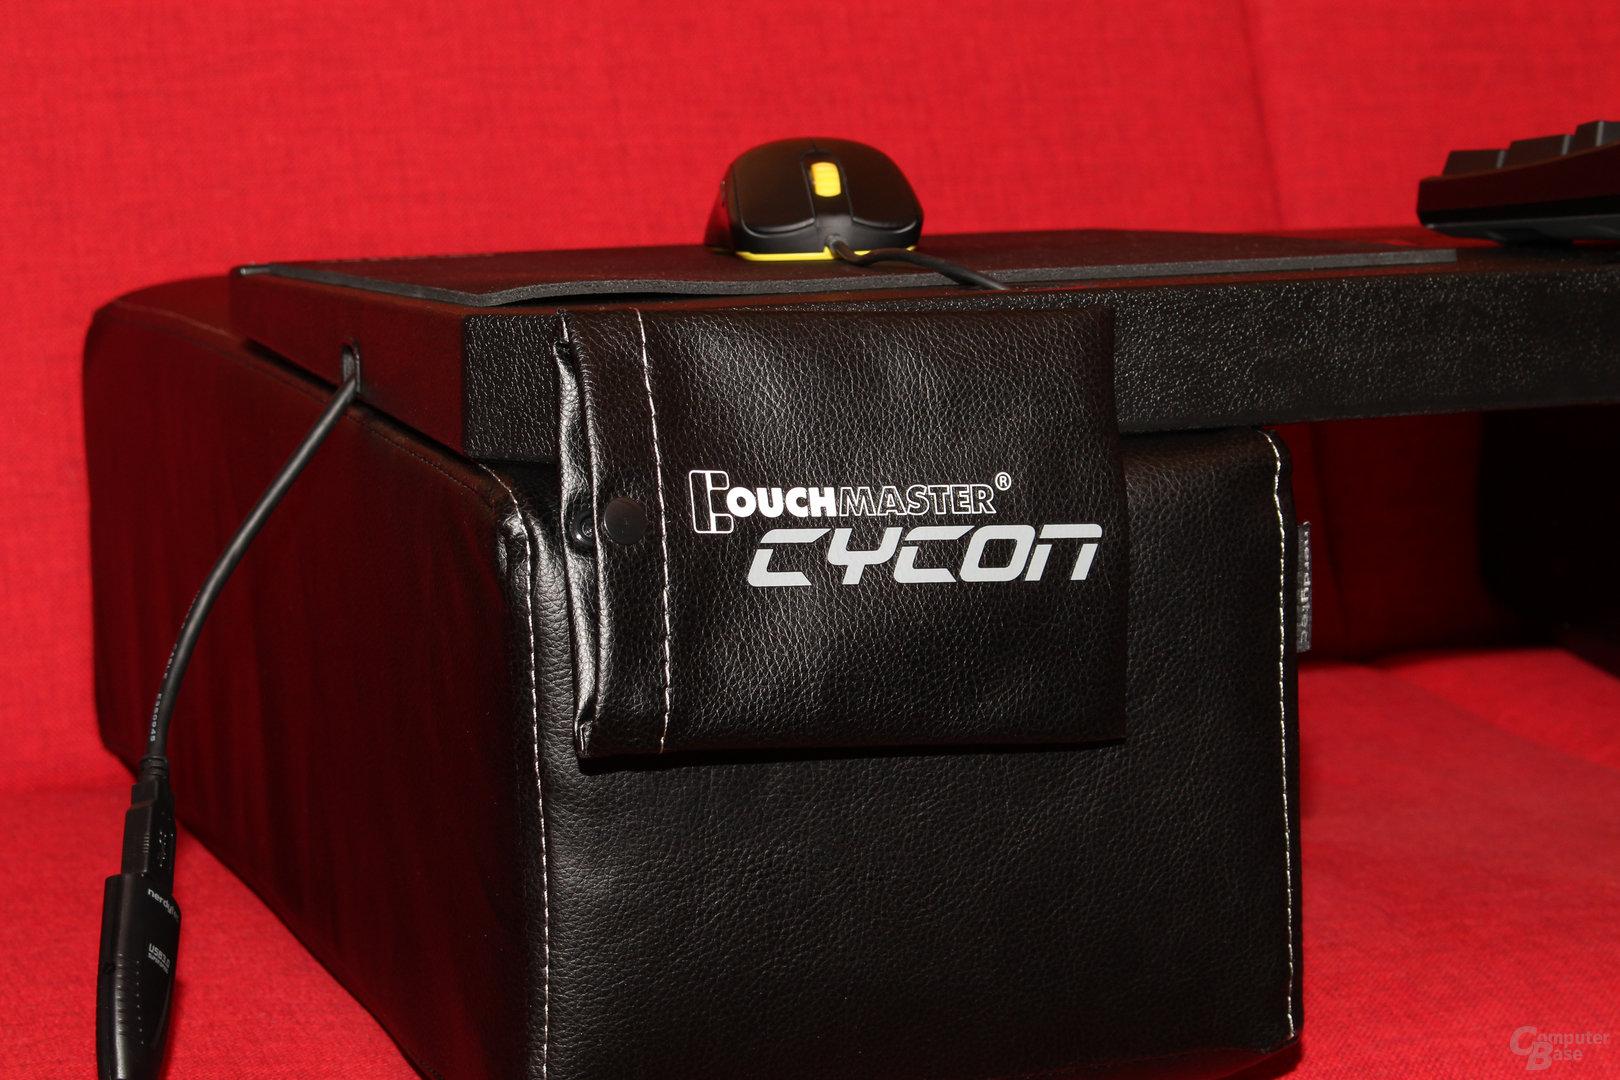 Die Tasche dient der Unterbringung der Maus